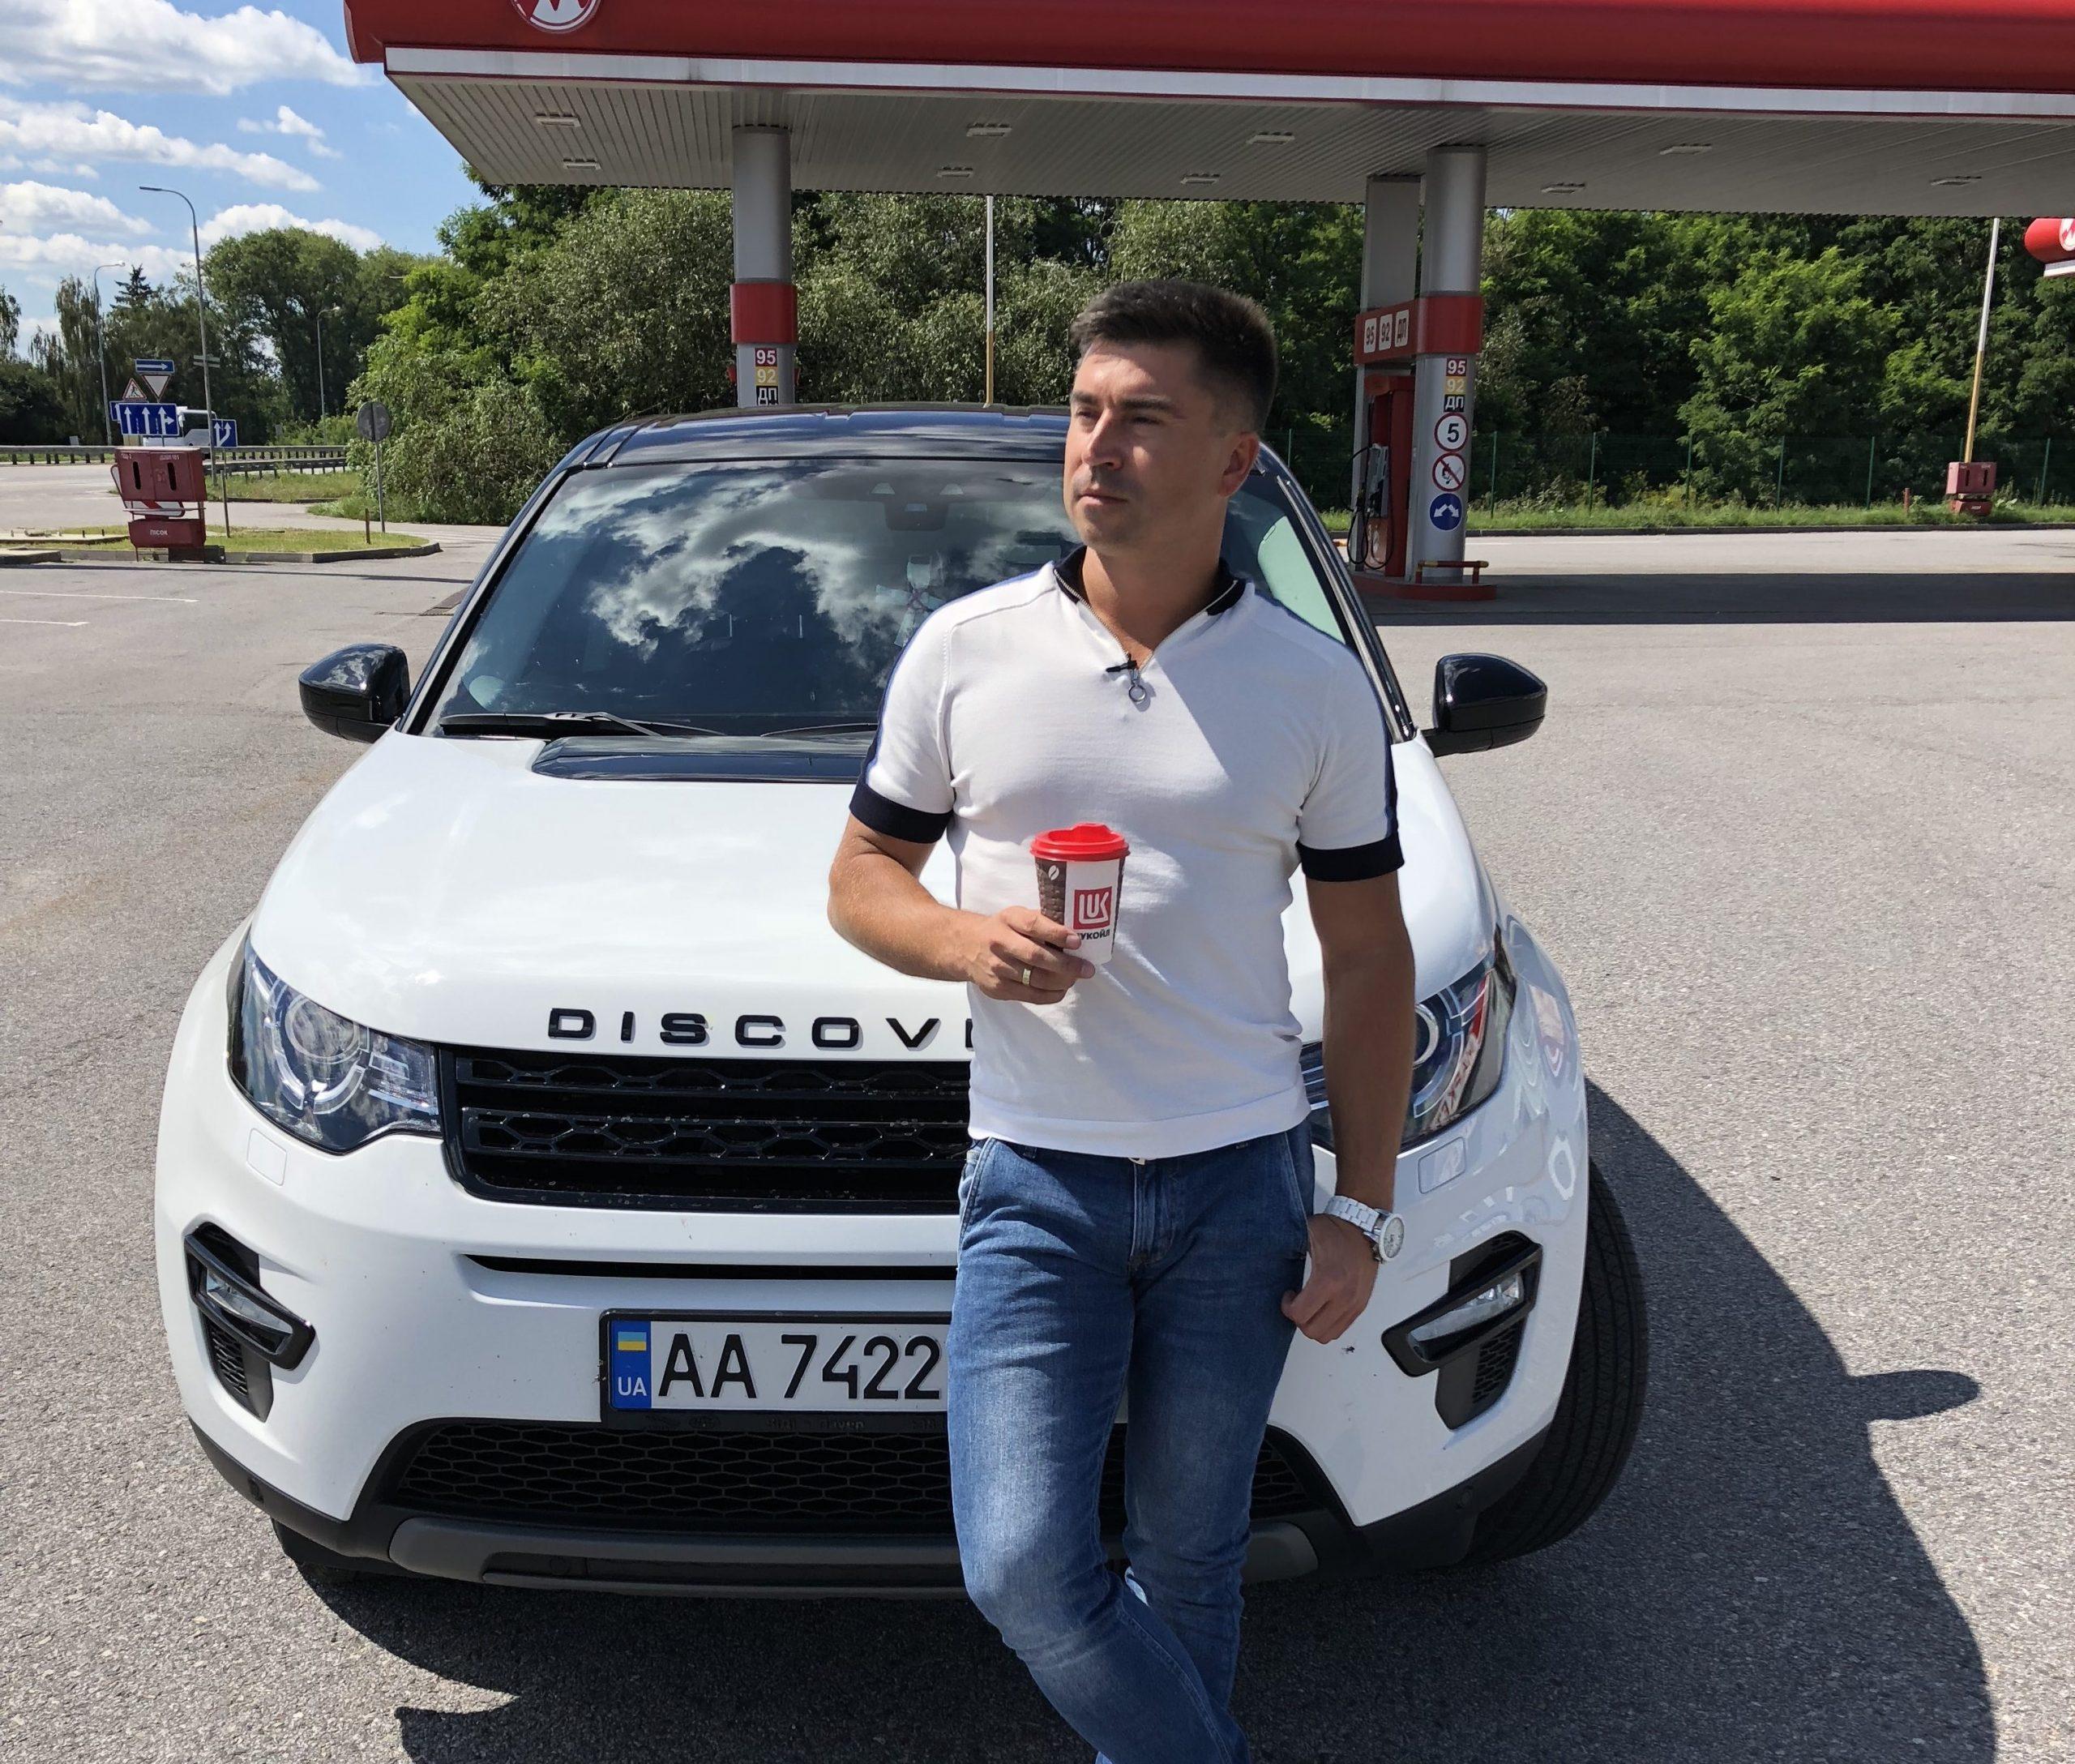 ЦЕННЫЕ БУМАГИ: Демьян Крутченко из компании «КДИ-Трейд» о том, как его компания помогает своим клиентам делать деньги. Из бумаги